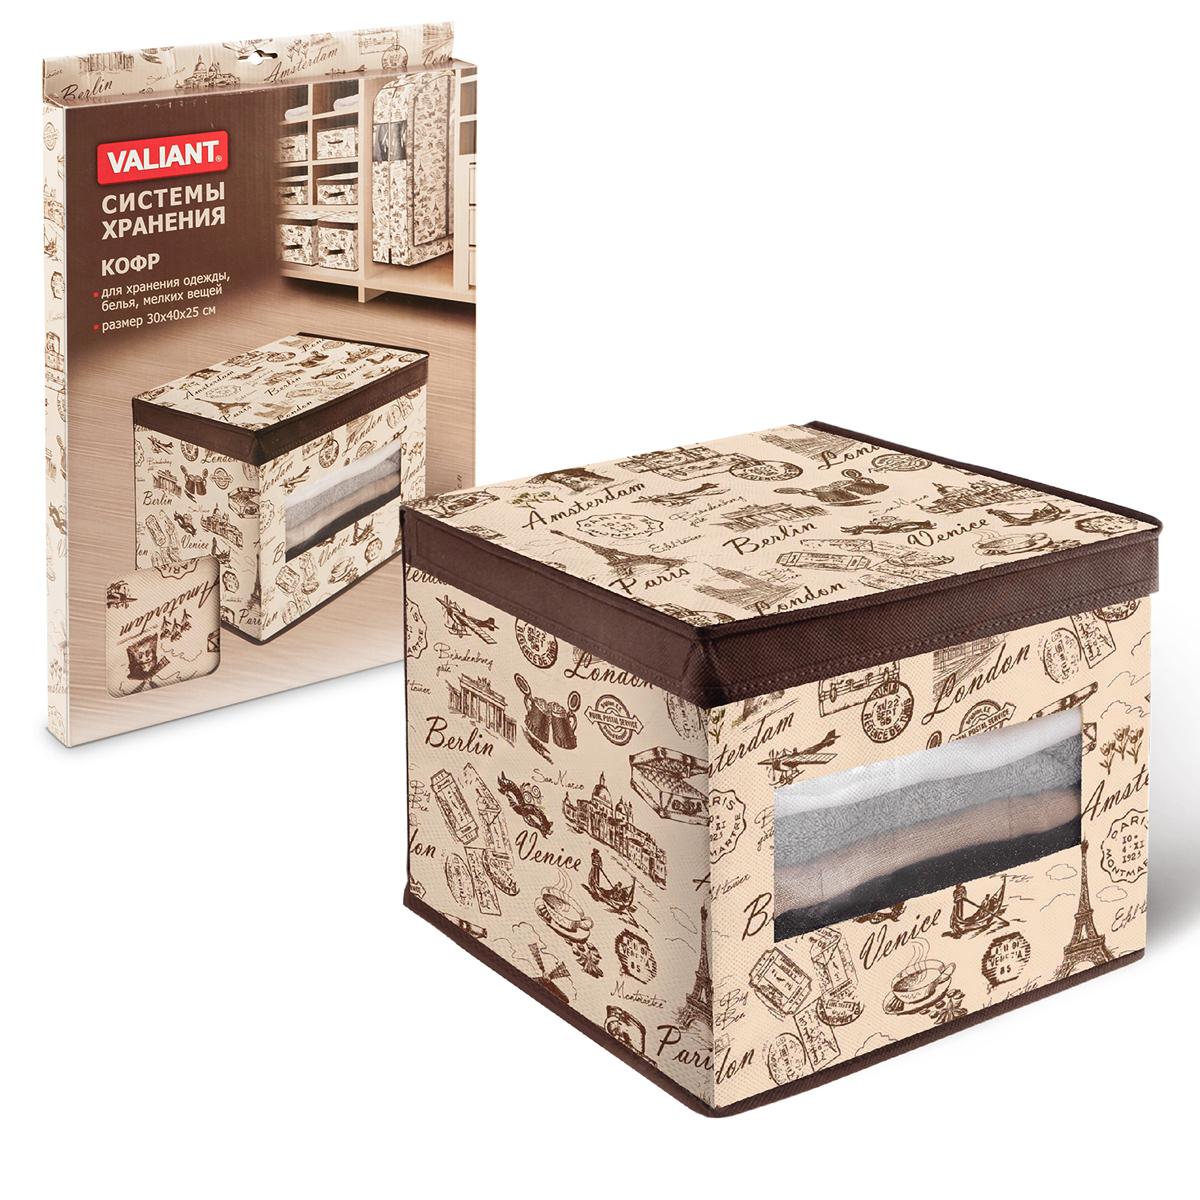 Кофр для хранения Valiant Travelling, с окошком, 30 см х 40 см х 25 смTRB312Кофр для хранения Valiant Travelling изготовлен из высококачественного нетканого материала (спанбонда), который обеспечивает естественную вентиляцию, позволяя воздуху проникать внутрь, но не пропускает пыль. Вставки из плотного картона хорошо держат форму. Кофр снабжен специальной крышкой, а также прозрачным окошком из ПВХ. Изделие отличается мобильностью: легко раскладывается и складывается. В таком кофре удобно хранить одежду, белье и мелкие аксессуары. Оригинальный дизайн погружает в атмосферу путешествий по разным городам и странам.Системы хранения в едином дизайне сделают вашу гардеробную красивой и невероятно стильной.